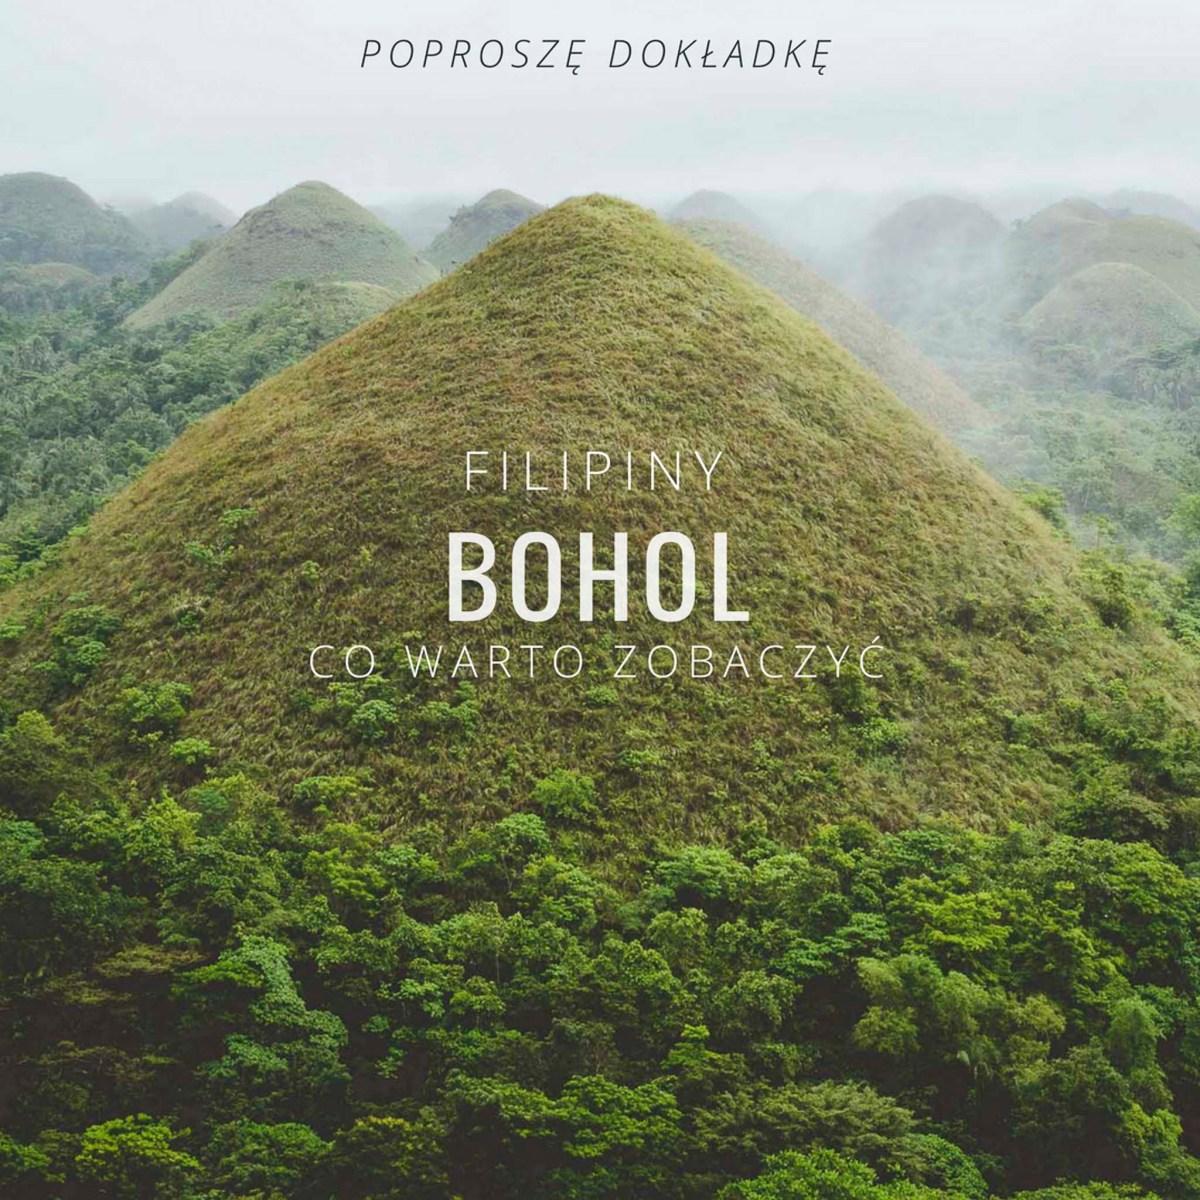 Bohol, Filipiny - co warto zobaczyć